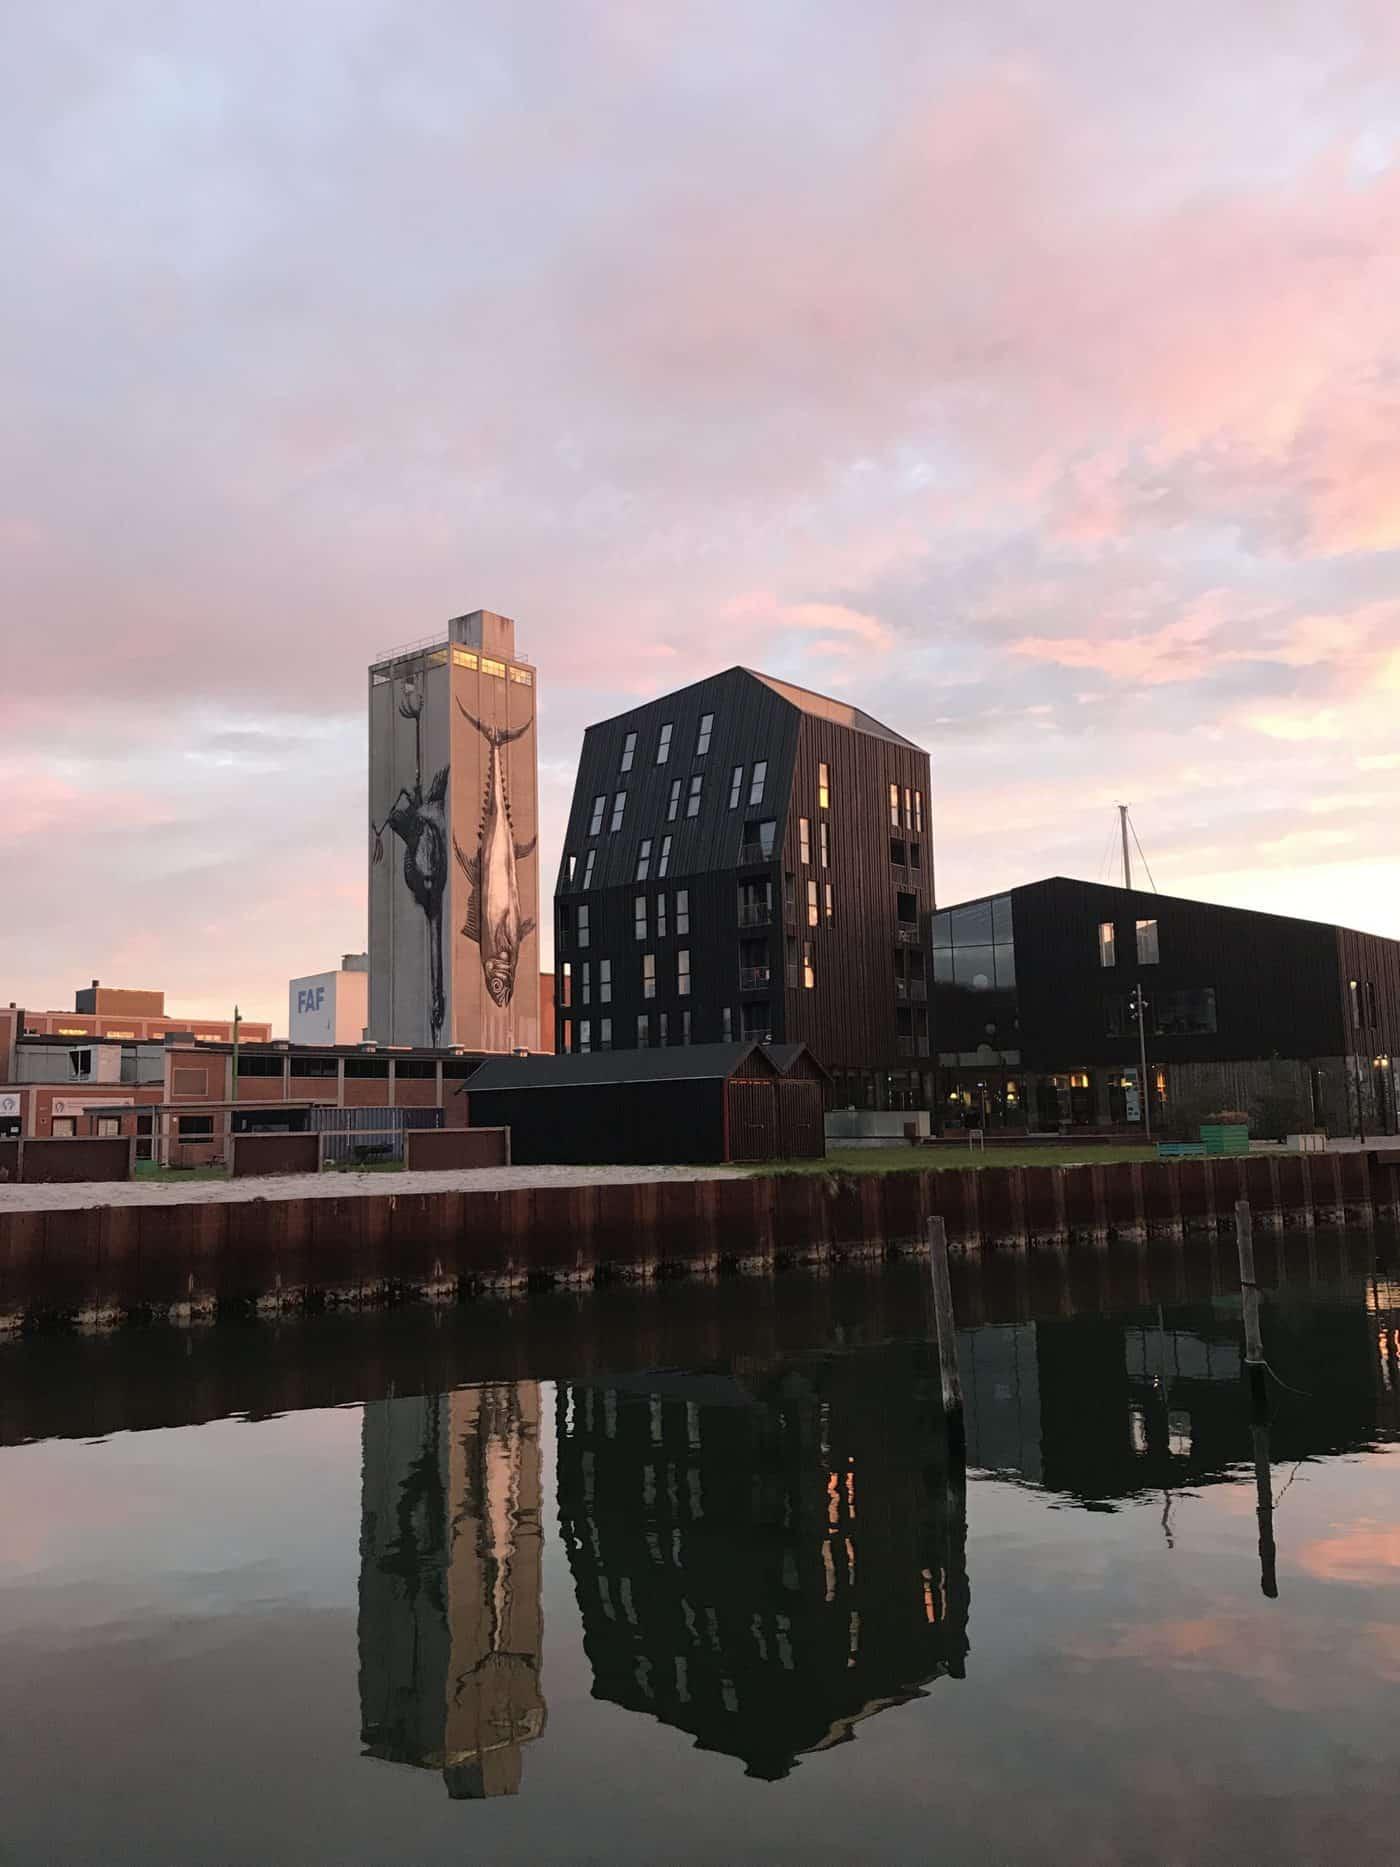 Ausflug nach Odense: Hafen